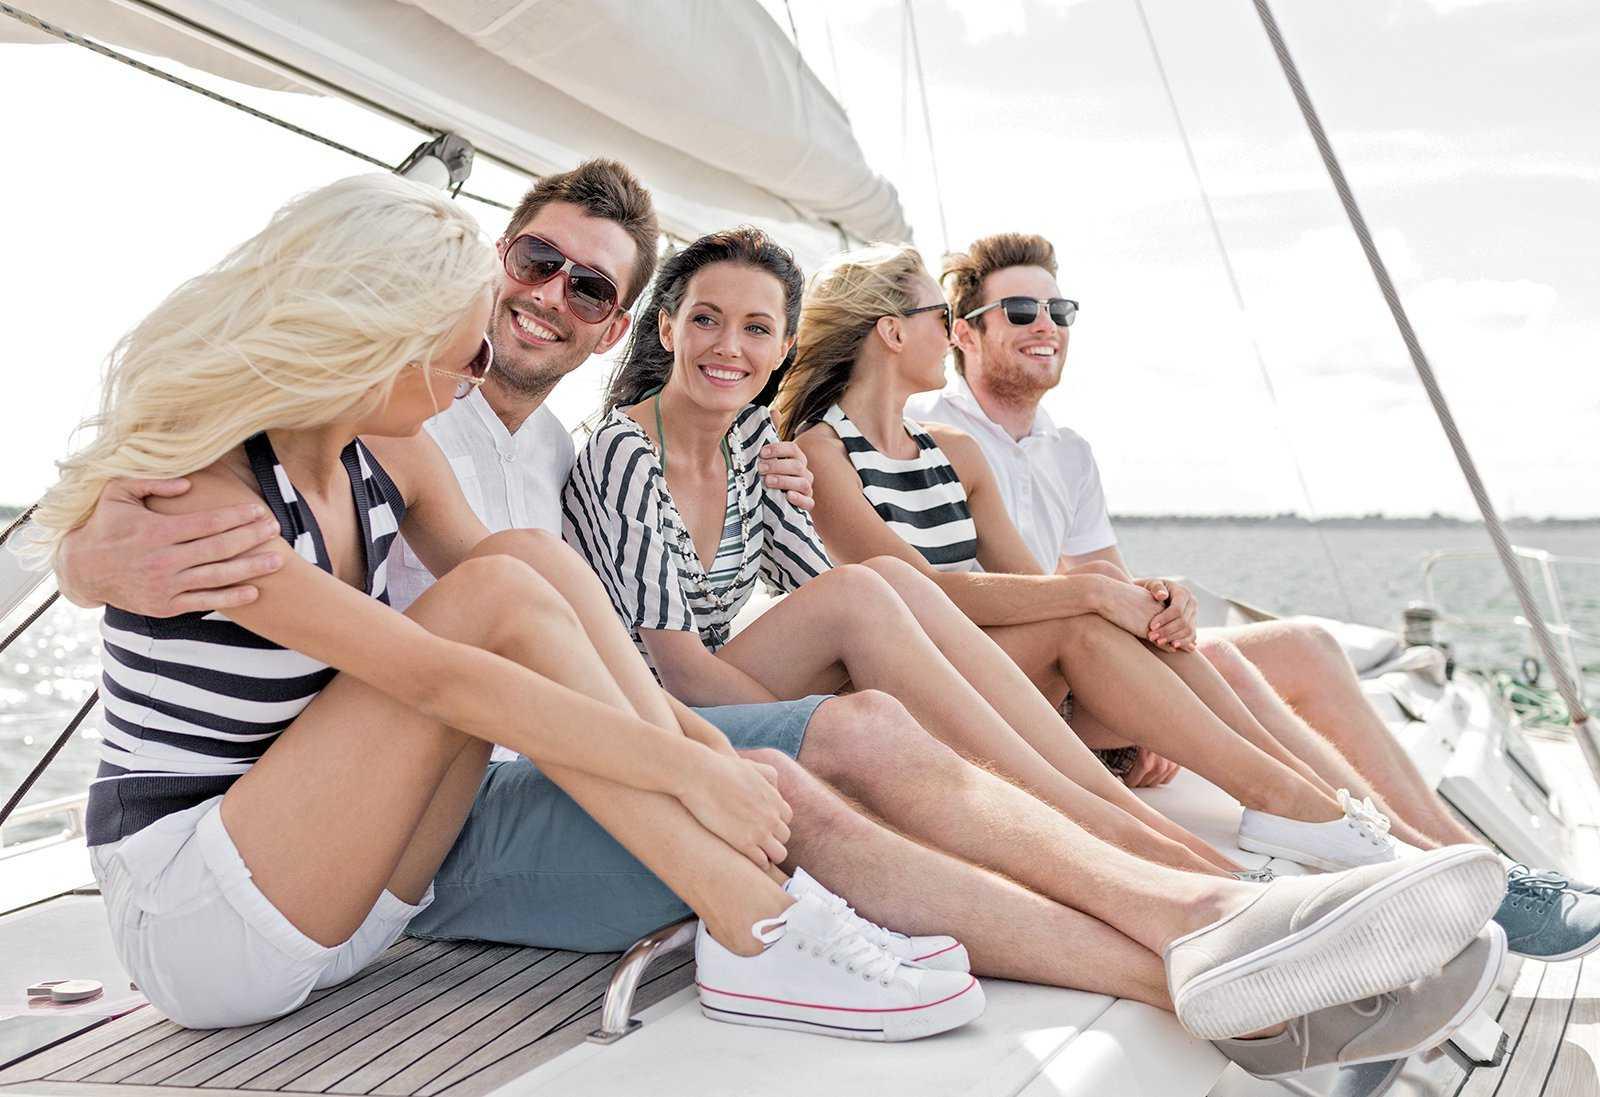 группа курсантов на яхте